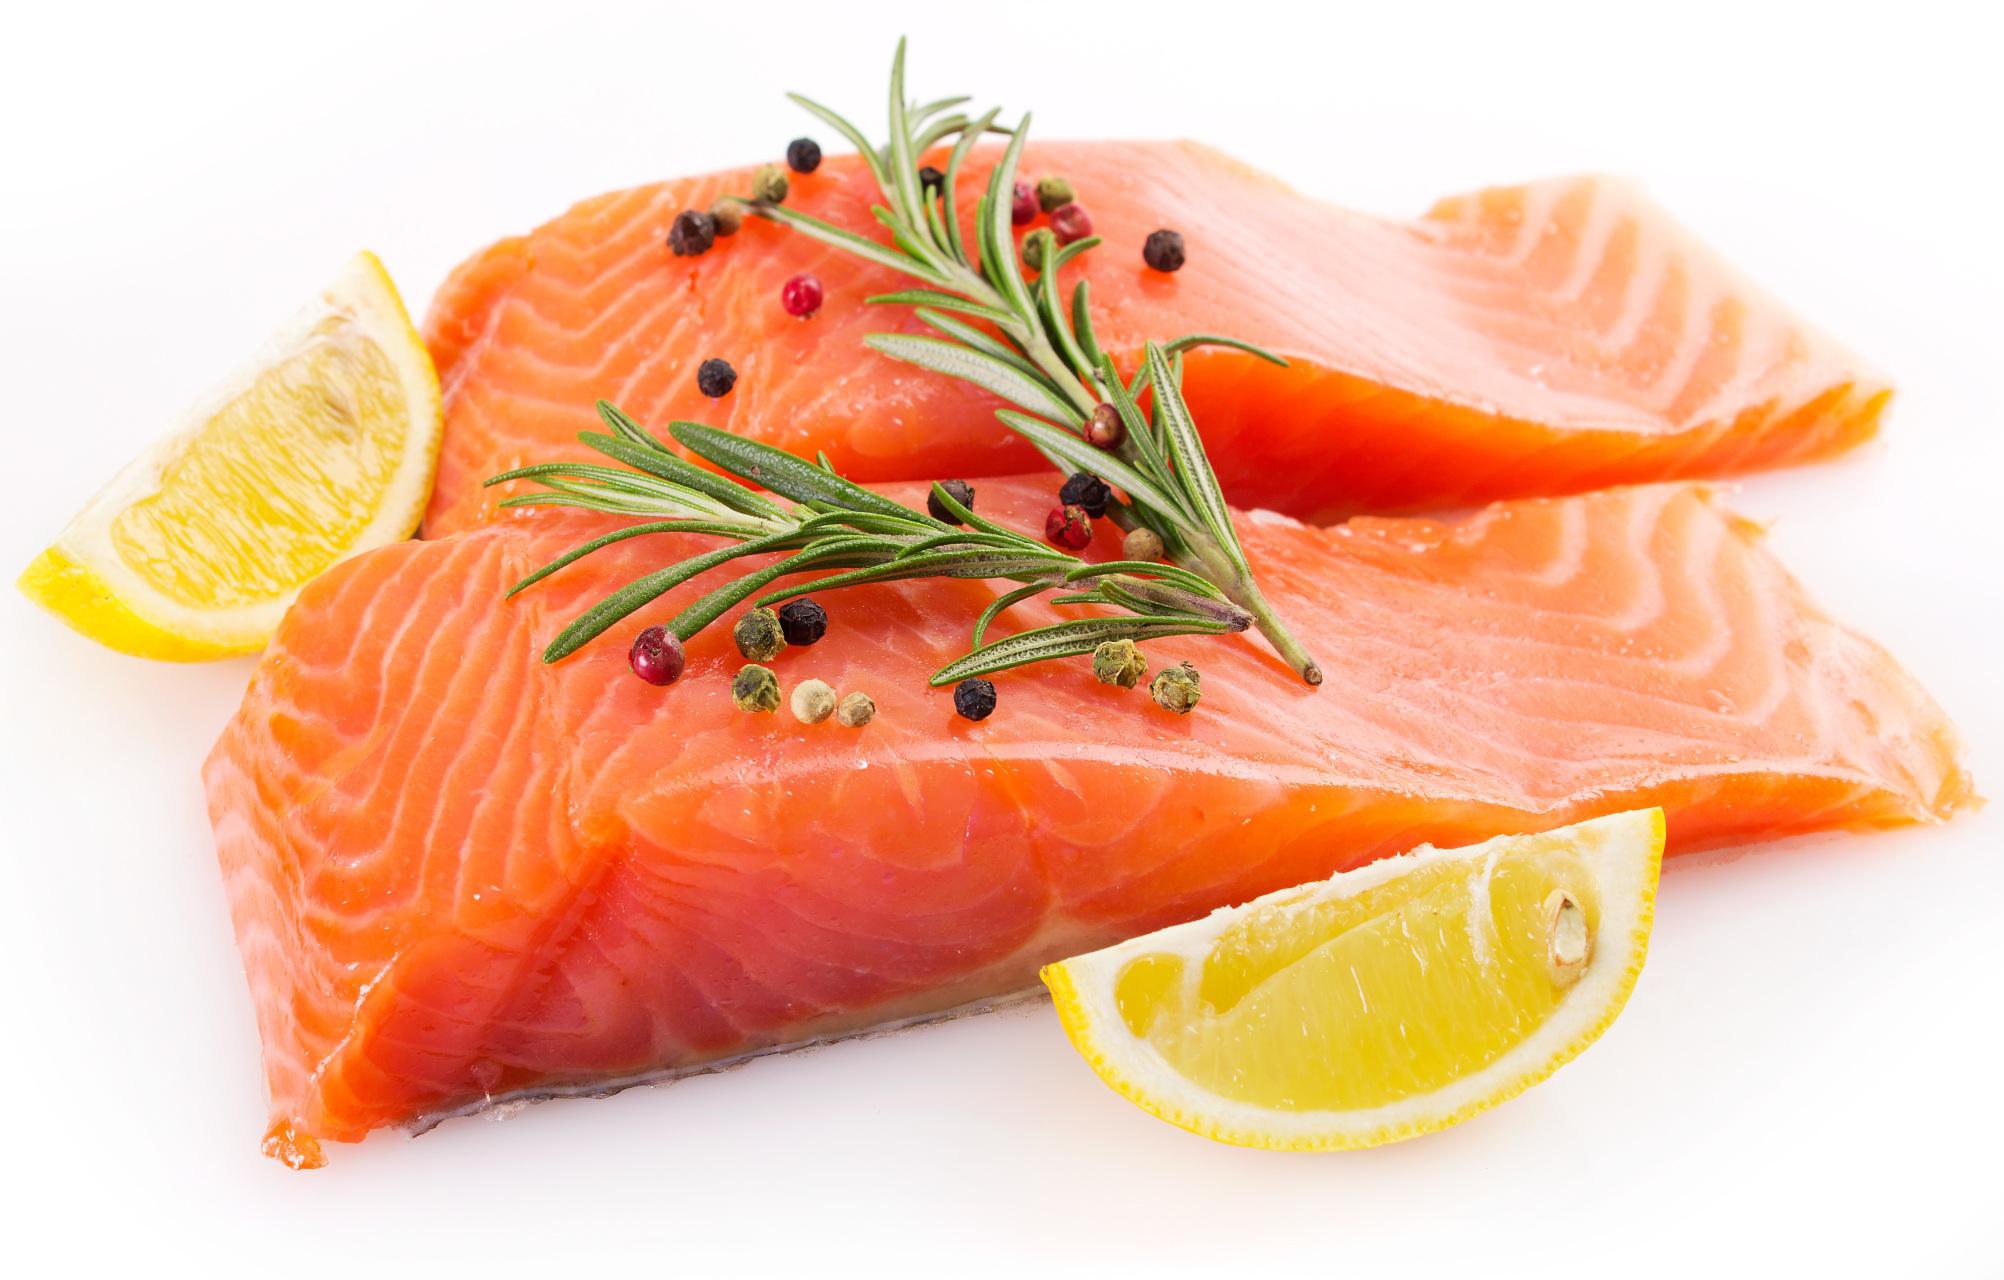 کاهش ریسک بیماری قلبی با مصرف این خوراکی